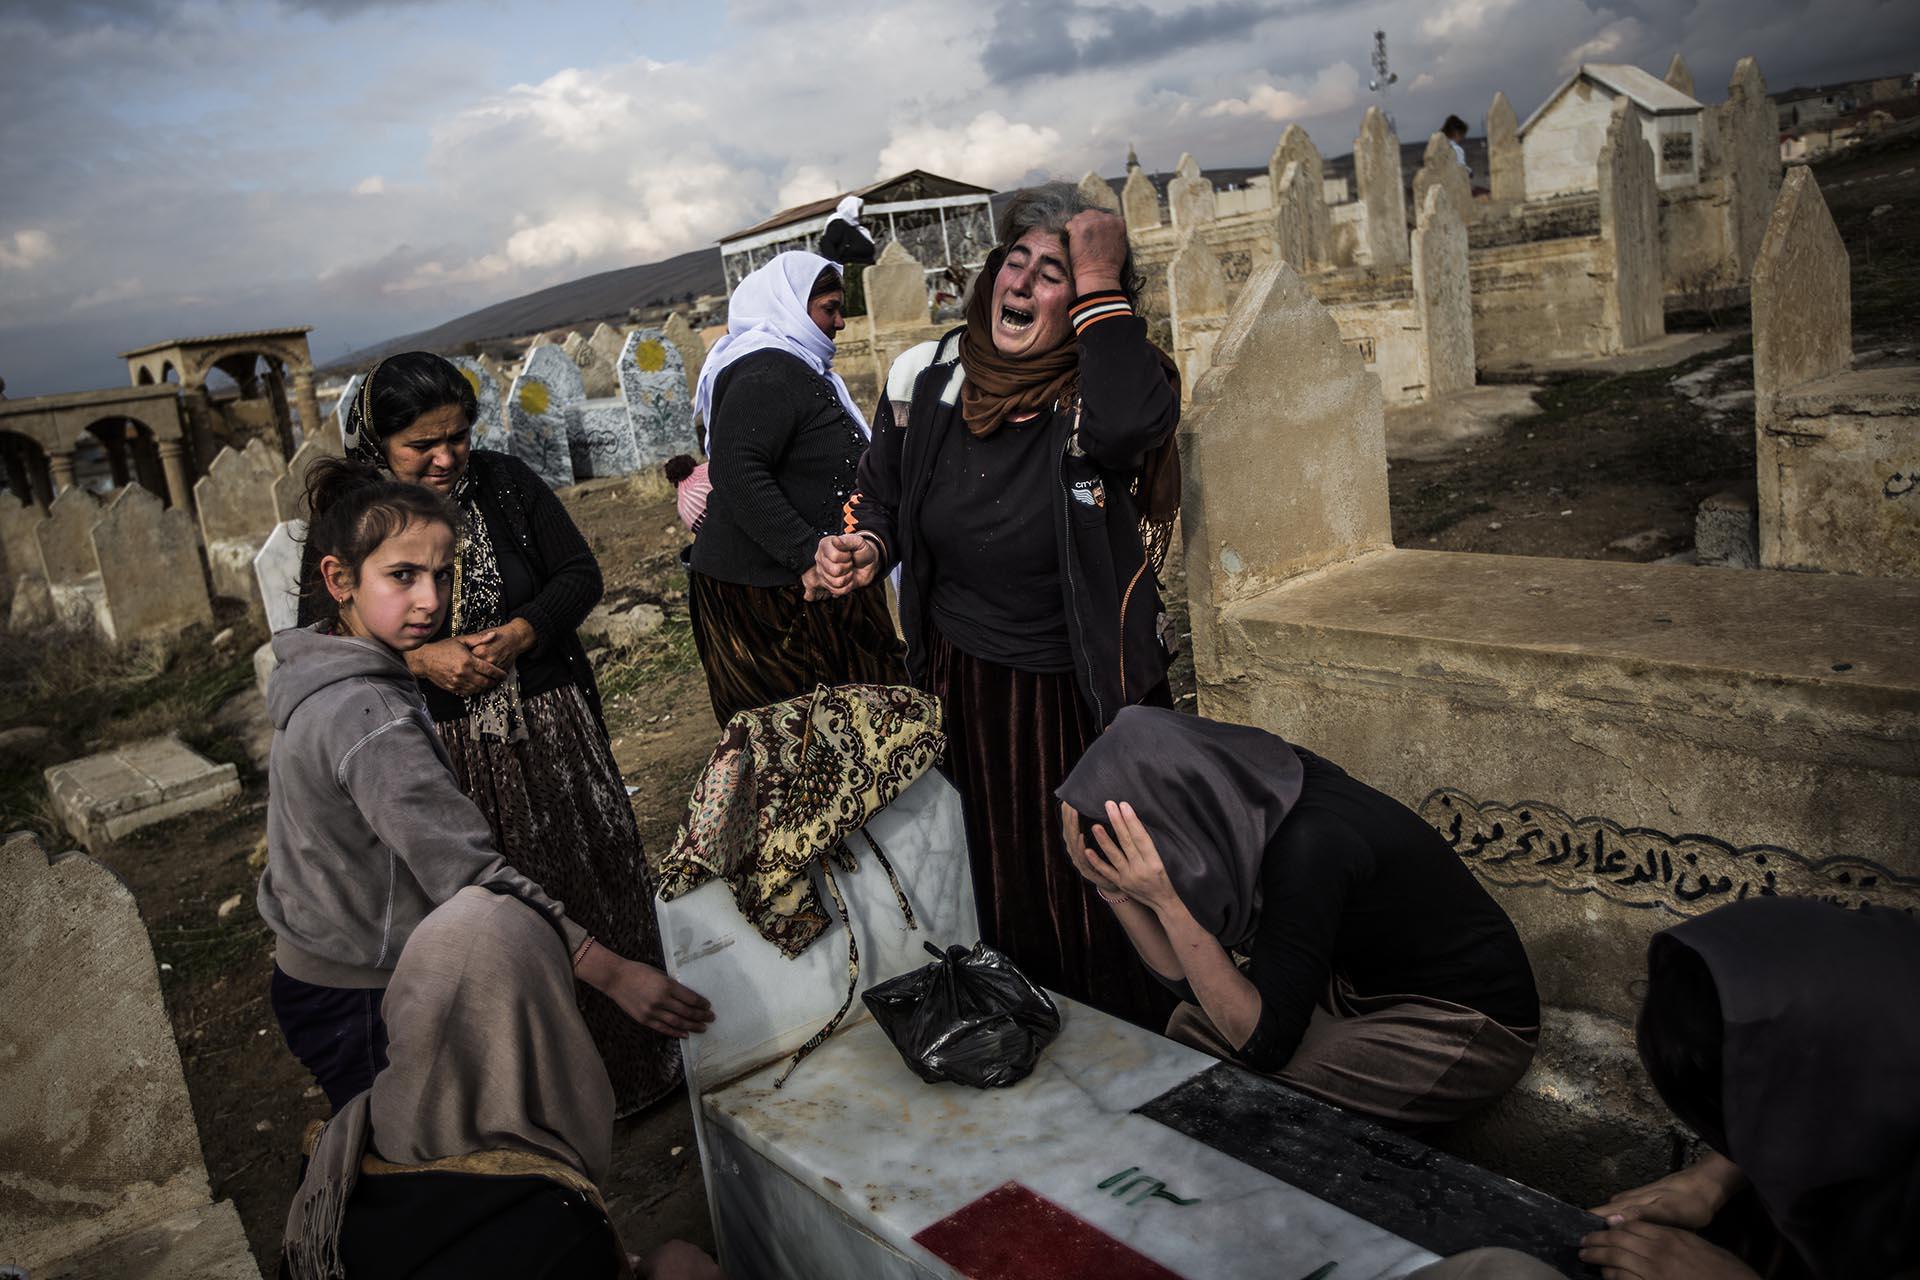 Una mujer yazidí llora desconsoladamente sobre la tumba de su familiar muerto en el cementerio de Lalish durante la celebración del día de los muertos (Pablo Cobos)